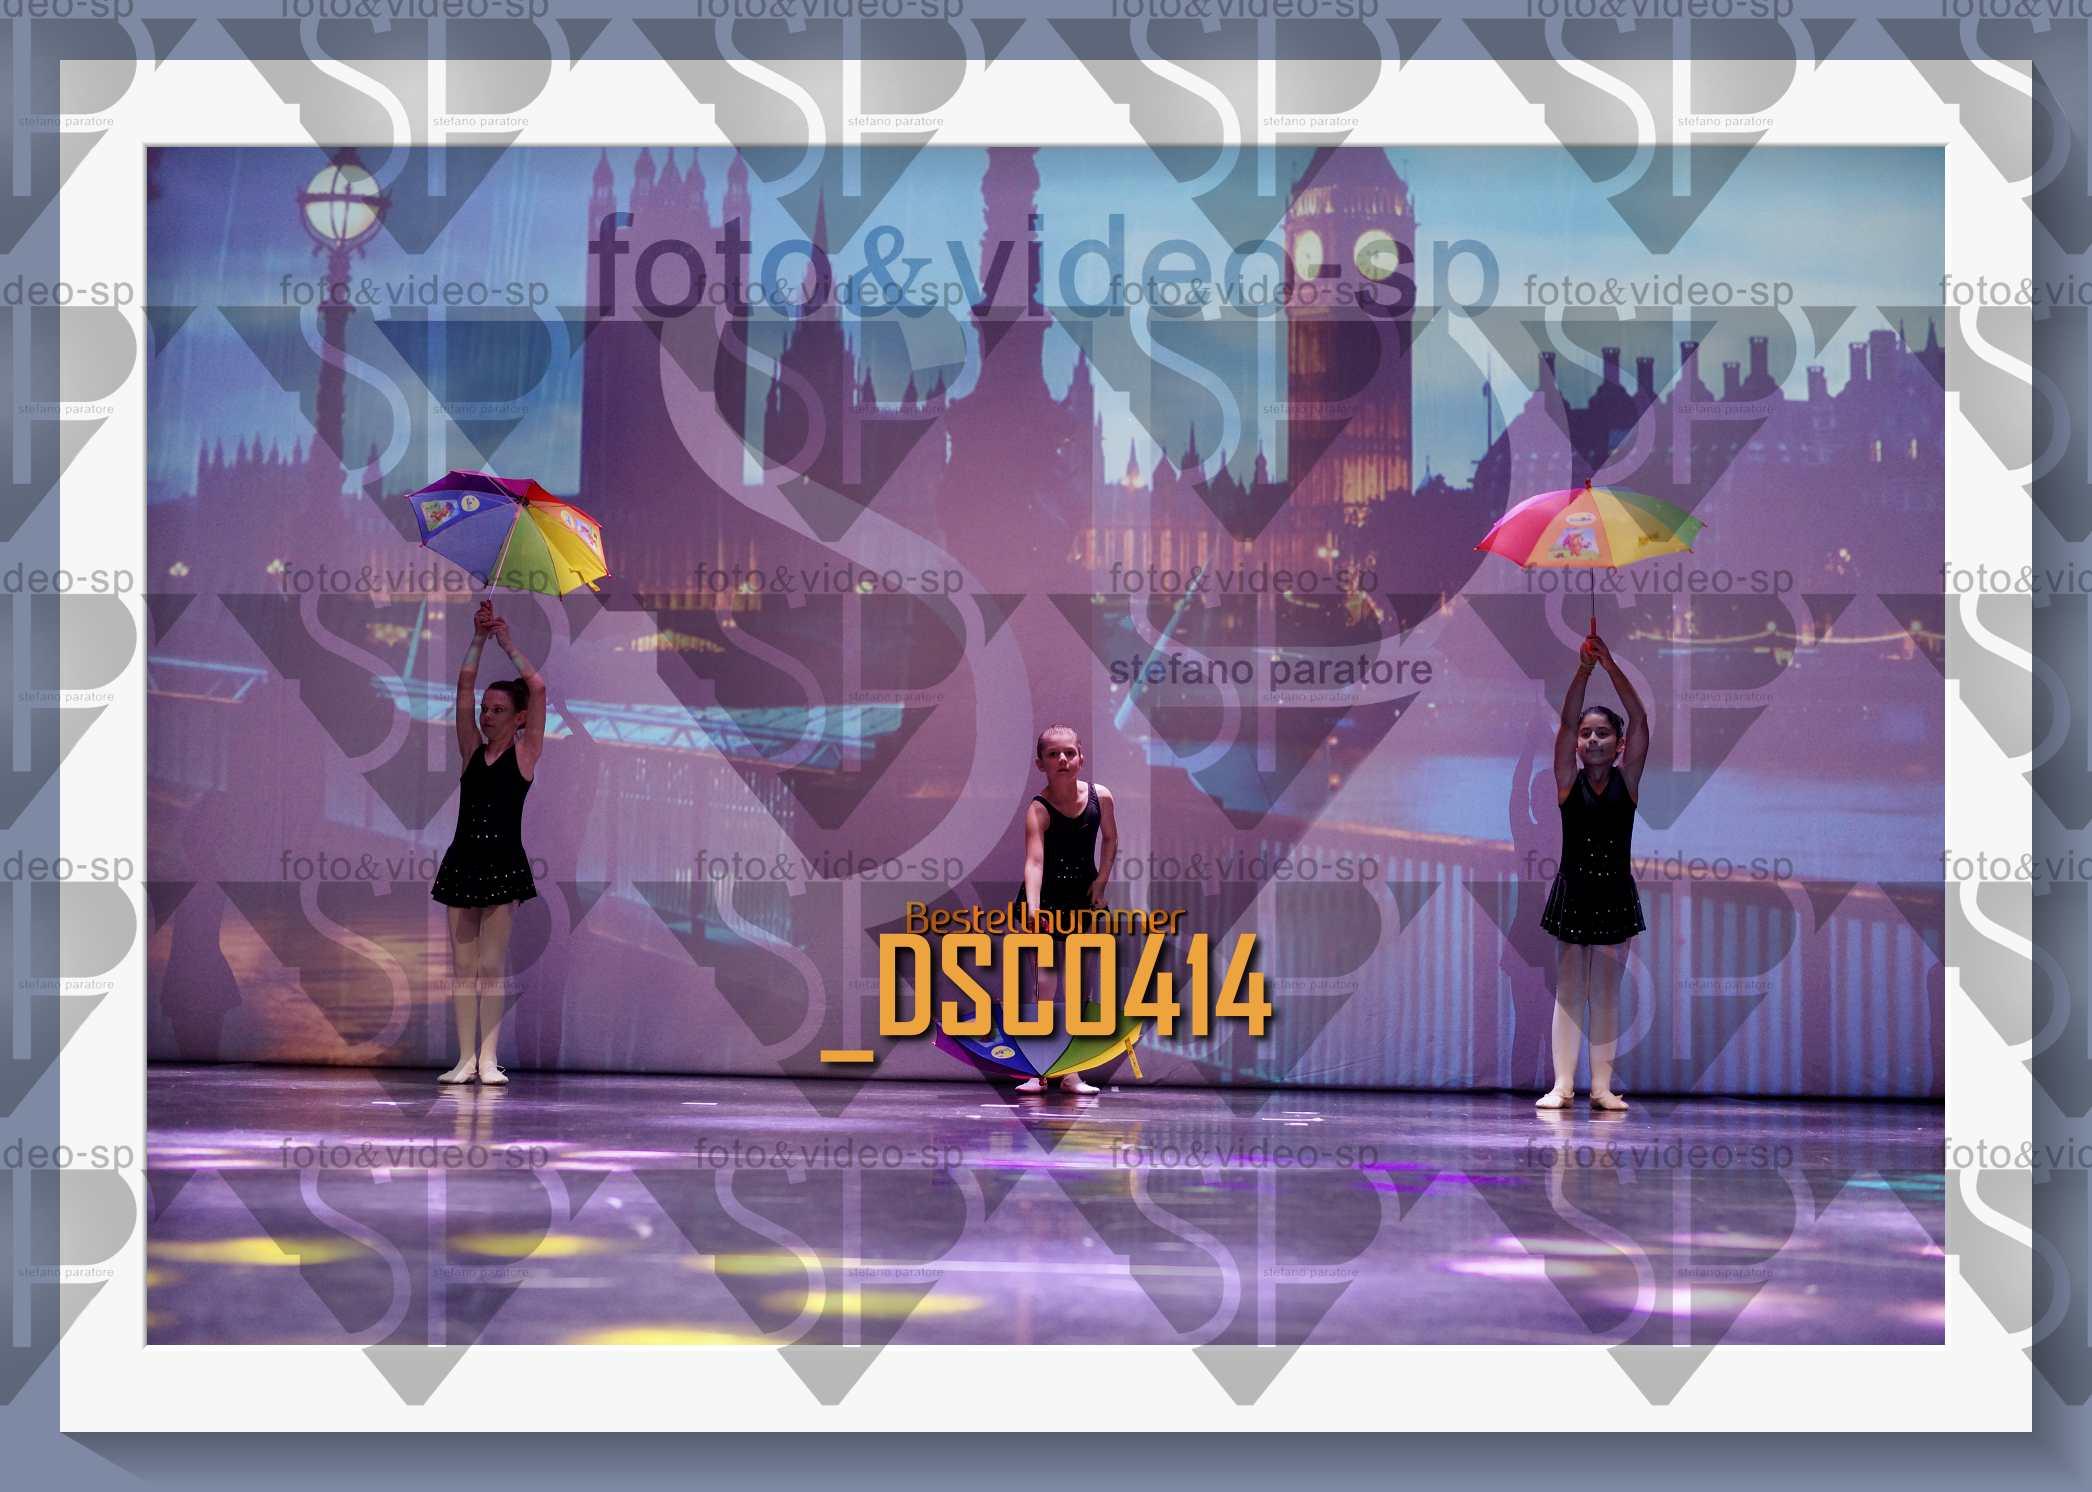 DSC0414